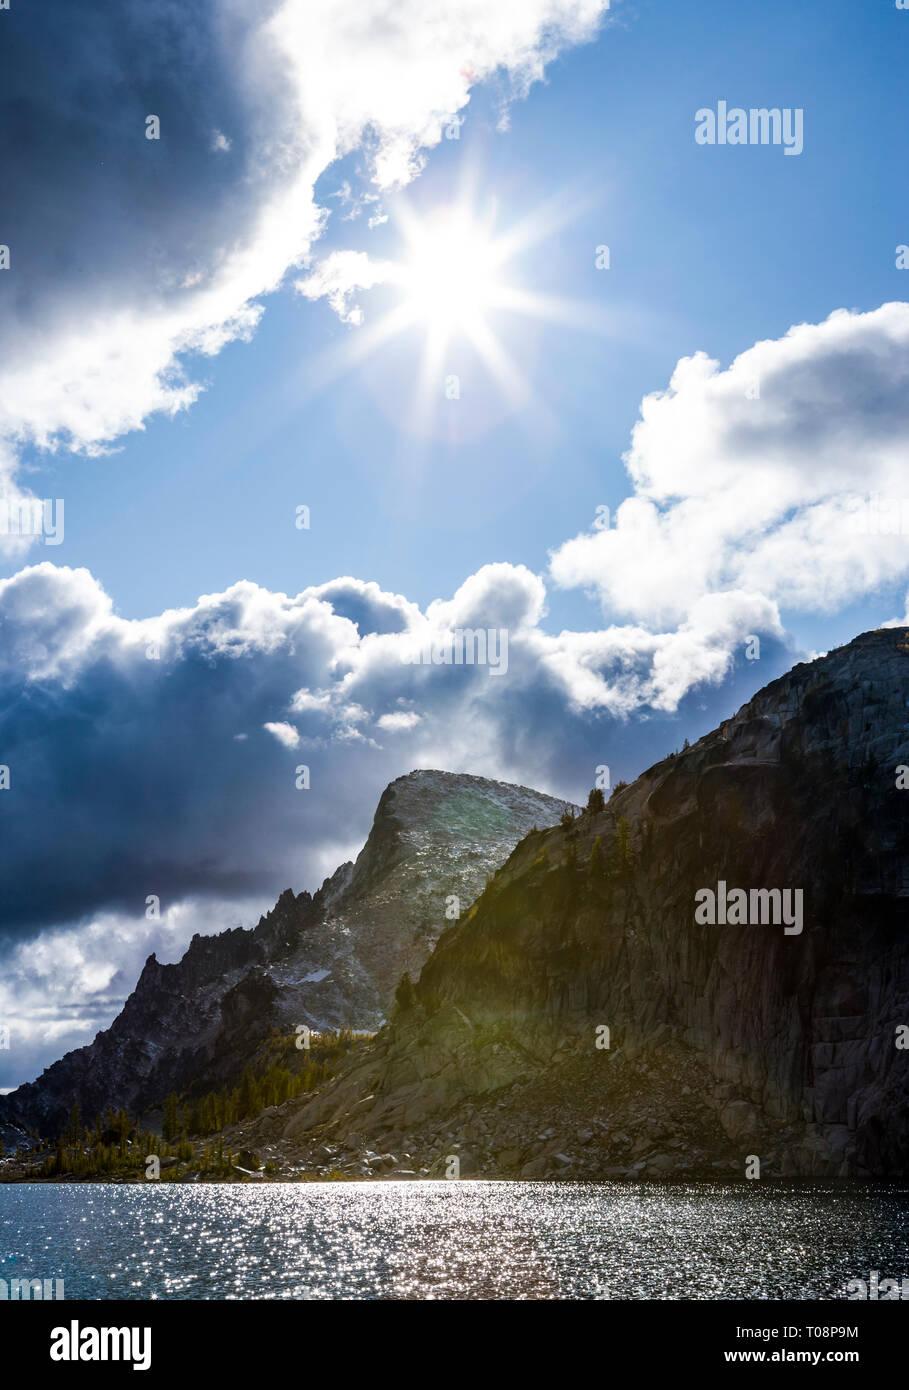 Mirando hacia arriba en la perfección del sol sobre el lago y la montaña en el Annapurna poco encanto Lagos Área Silvestre Cascadas de Washington, Estados Unidos. Imagen De Stock